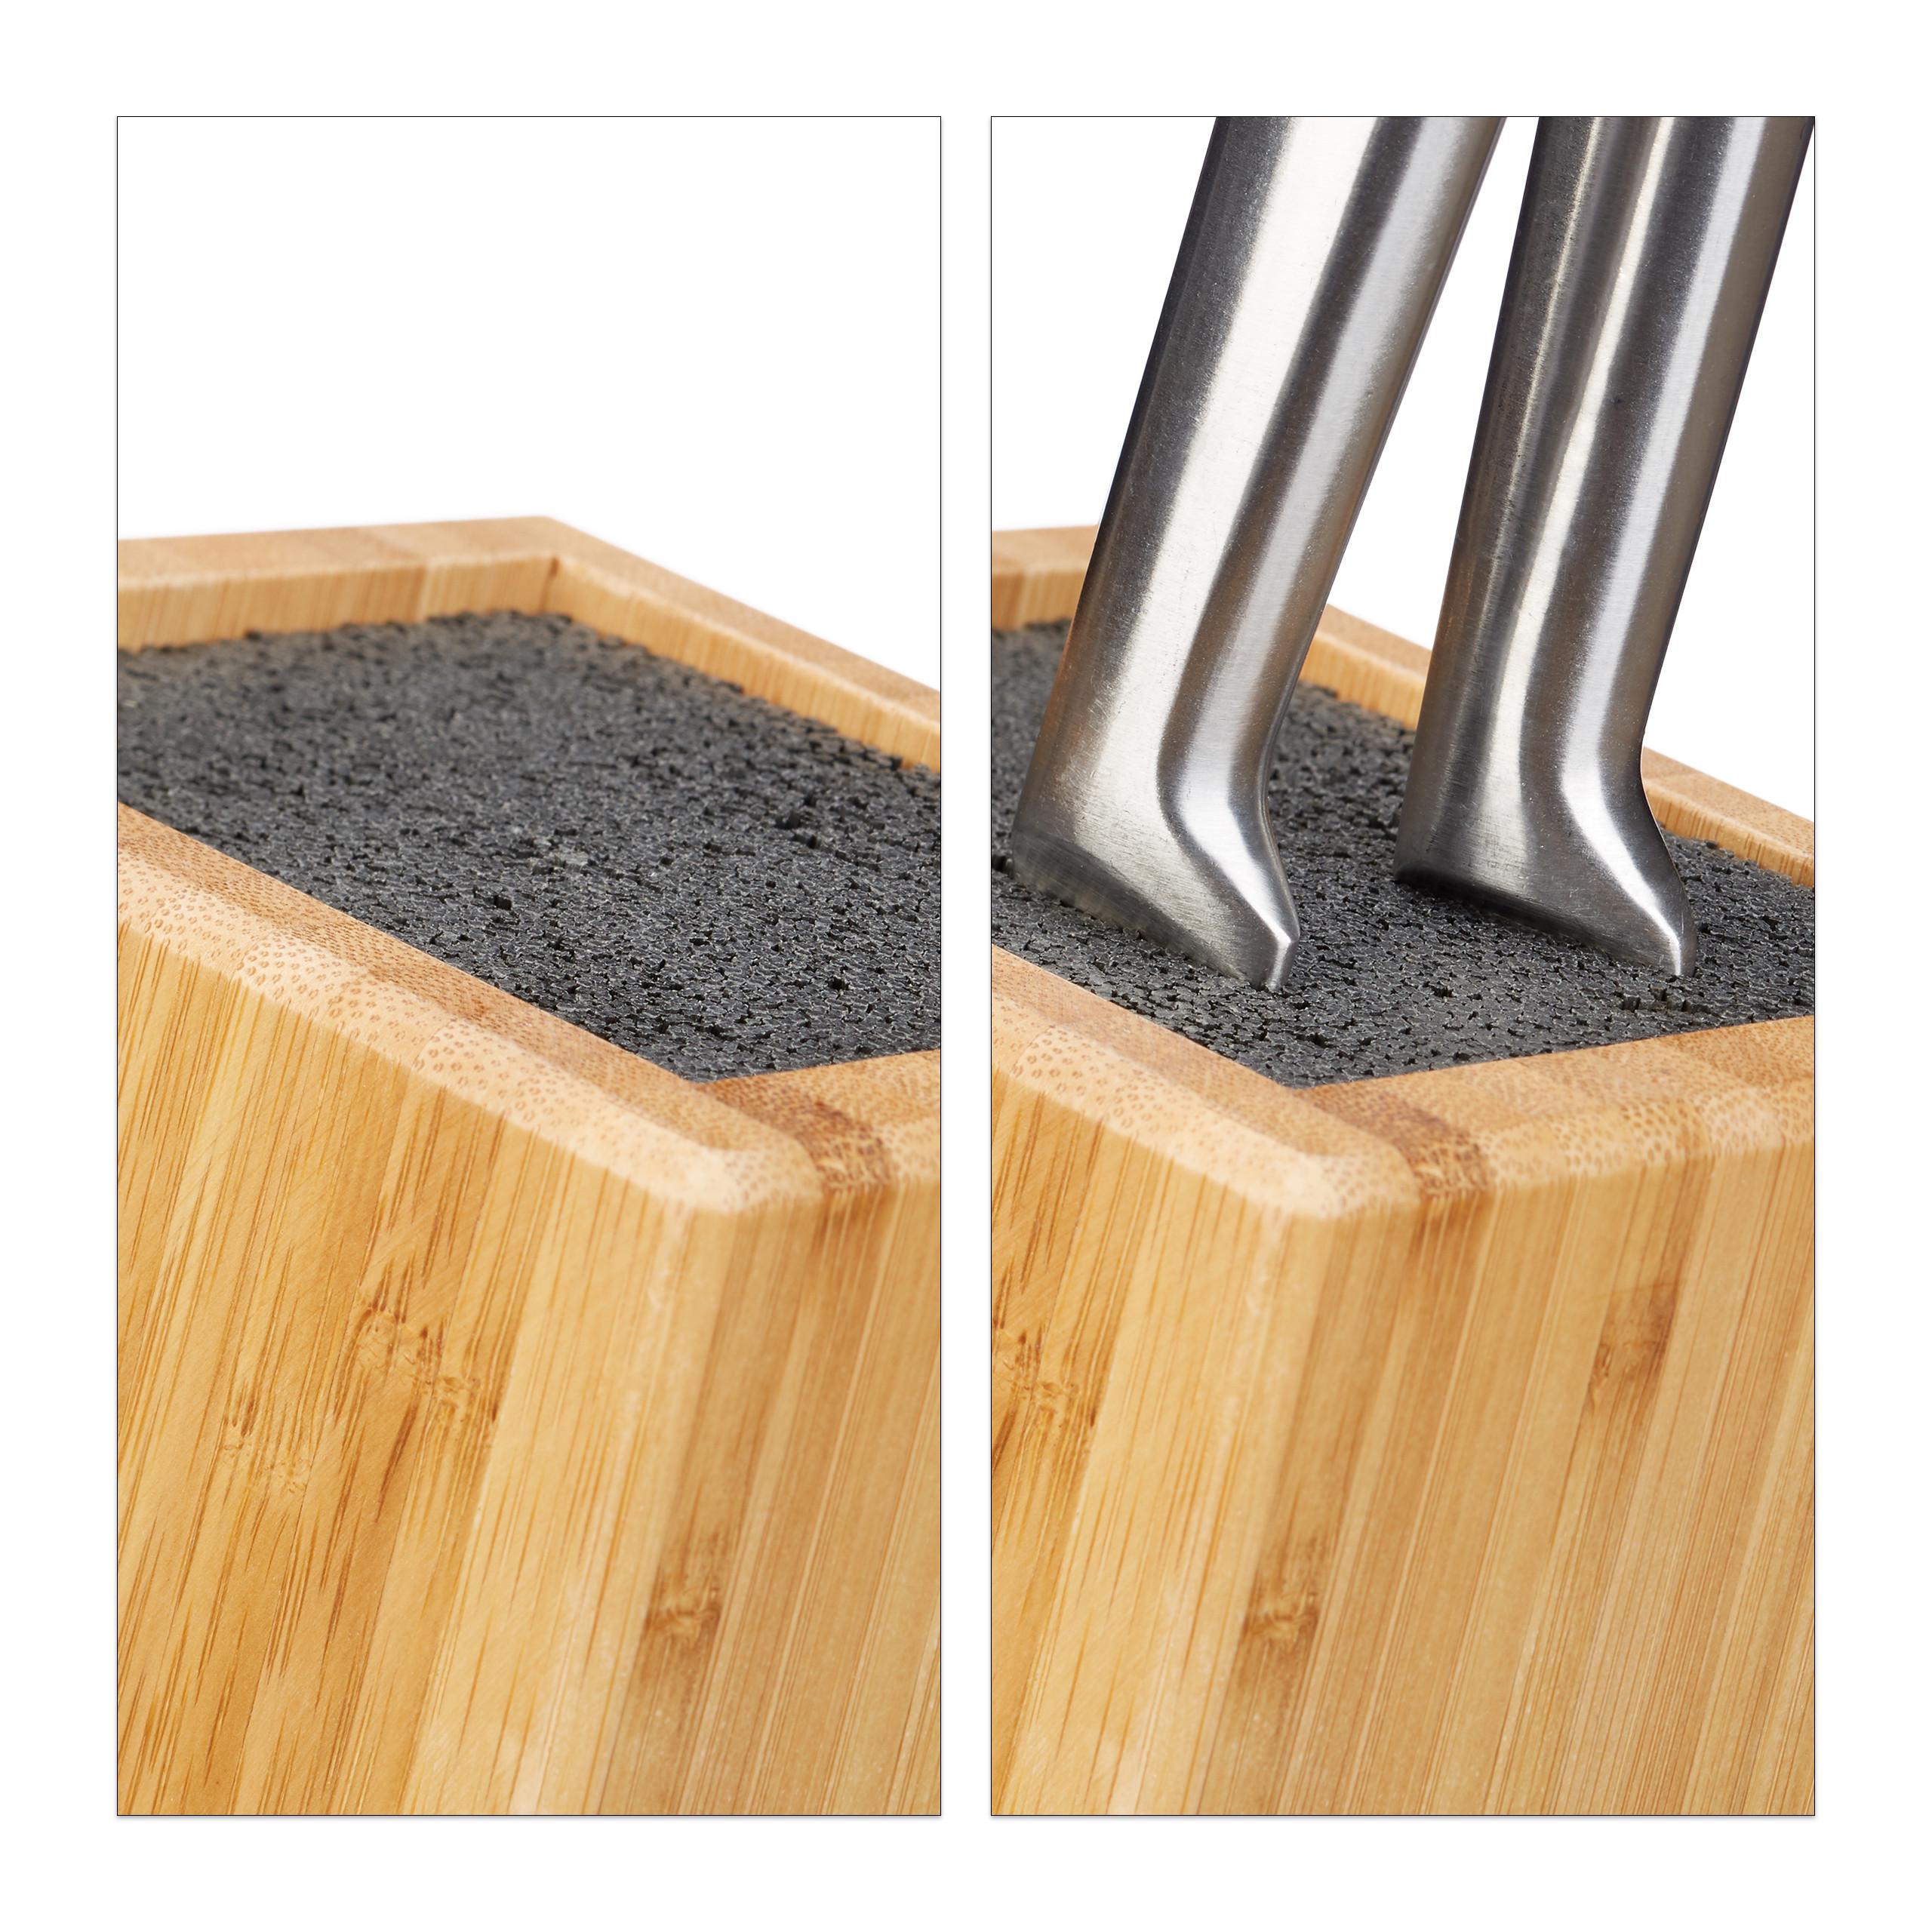 Küchenblock mit Borsten Bambus Messerblock Messerhalter 6 Messer Holzblock f